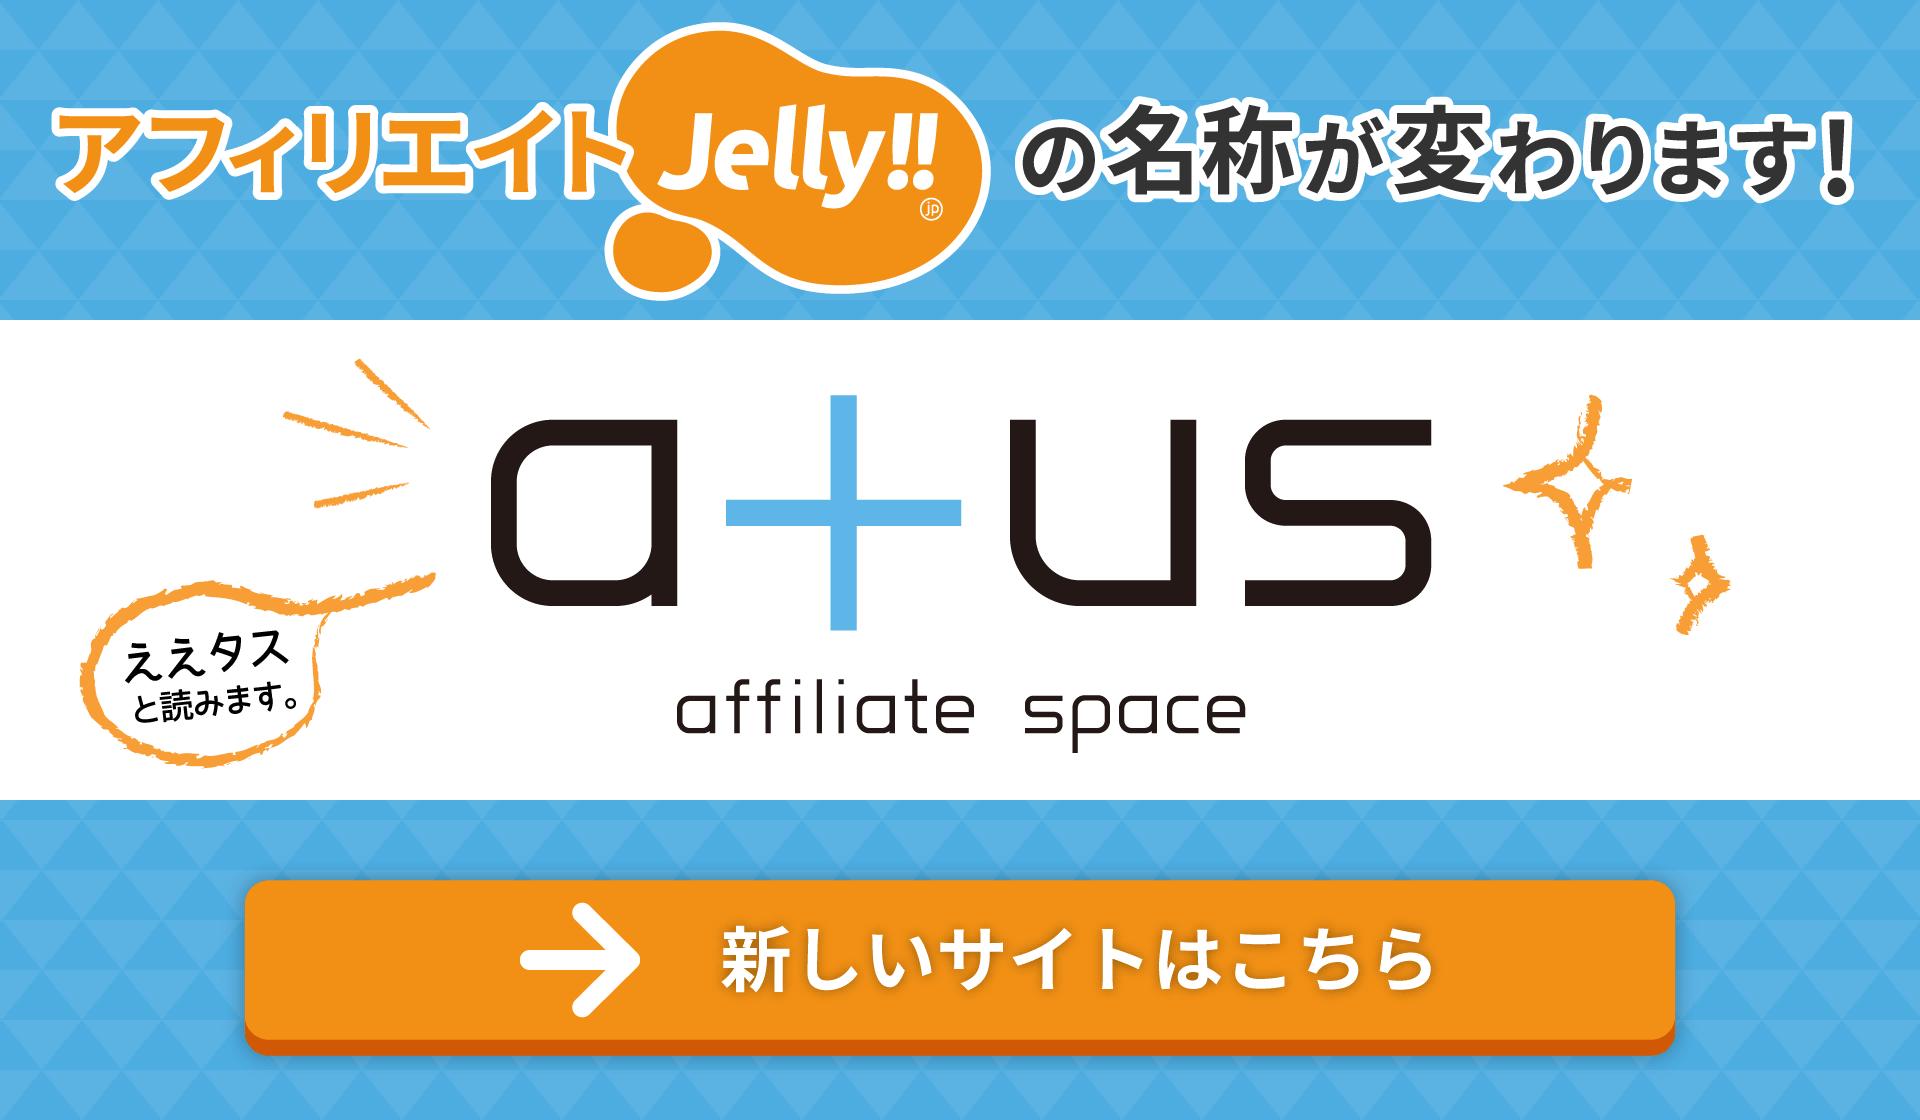 アフィリエイトJellyは「atus」に名称変更します。